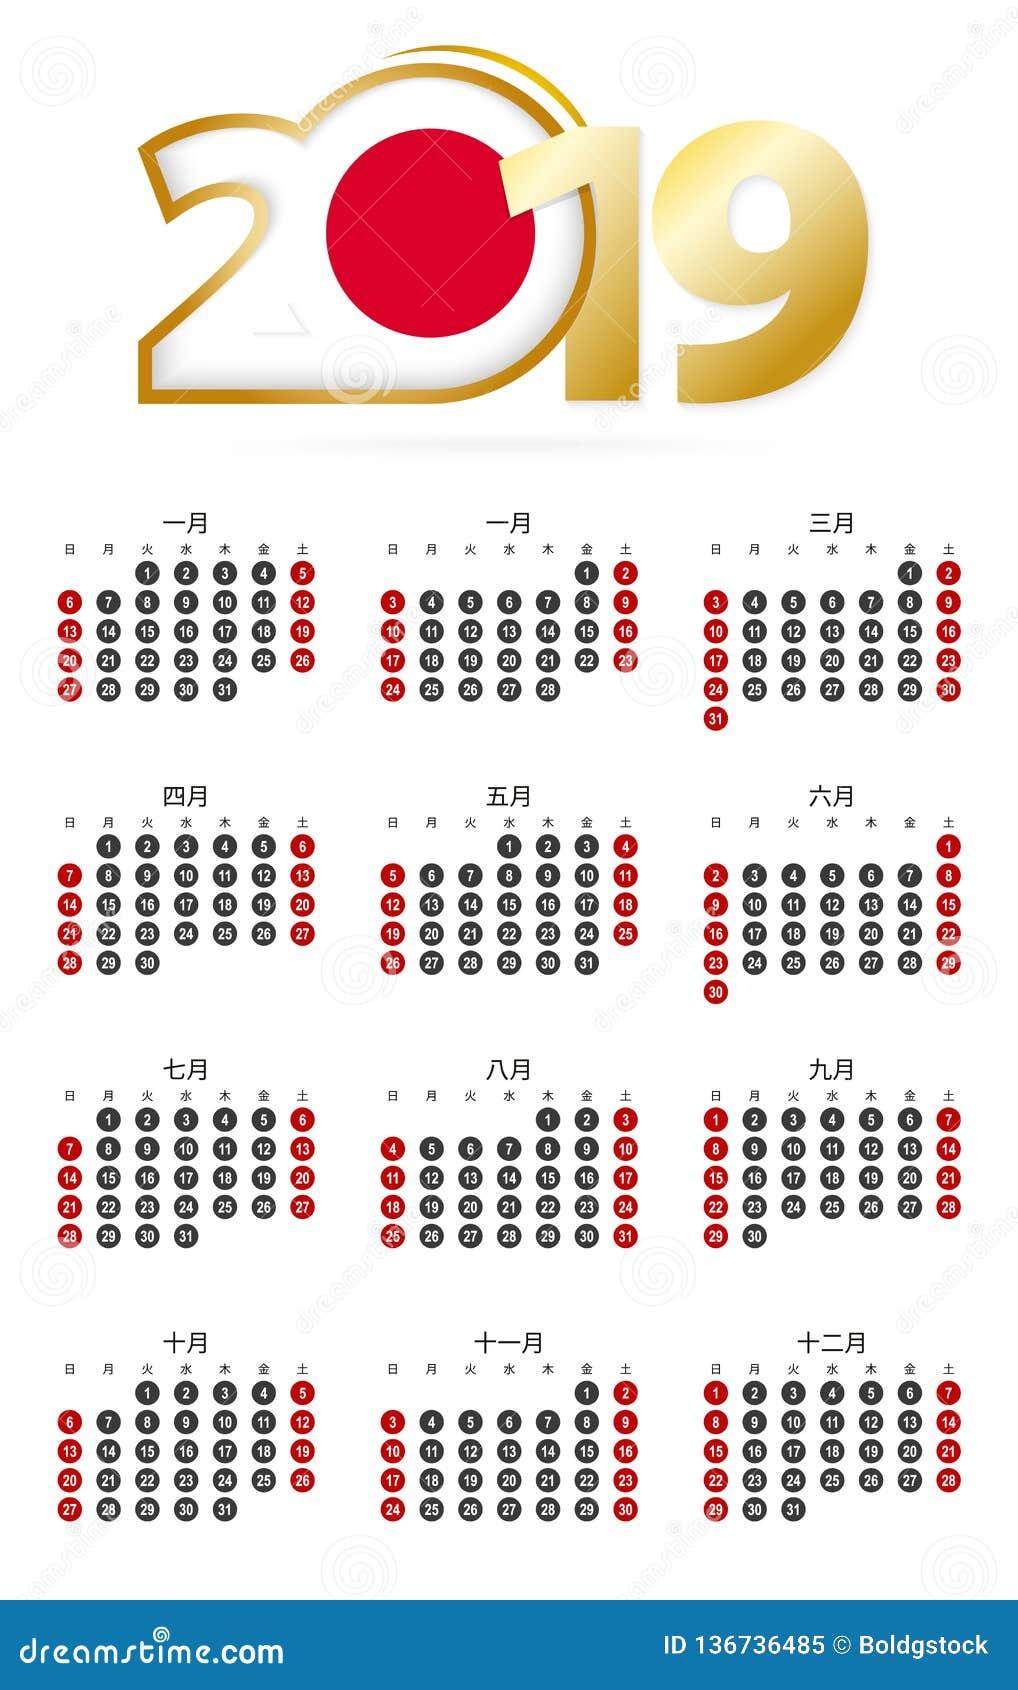 Calendario Japones.Calendario Japones 2019 Con Numeros En Los Circulos Comienzo De La